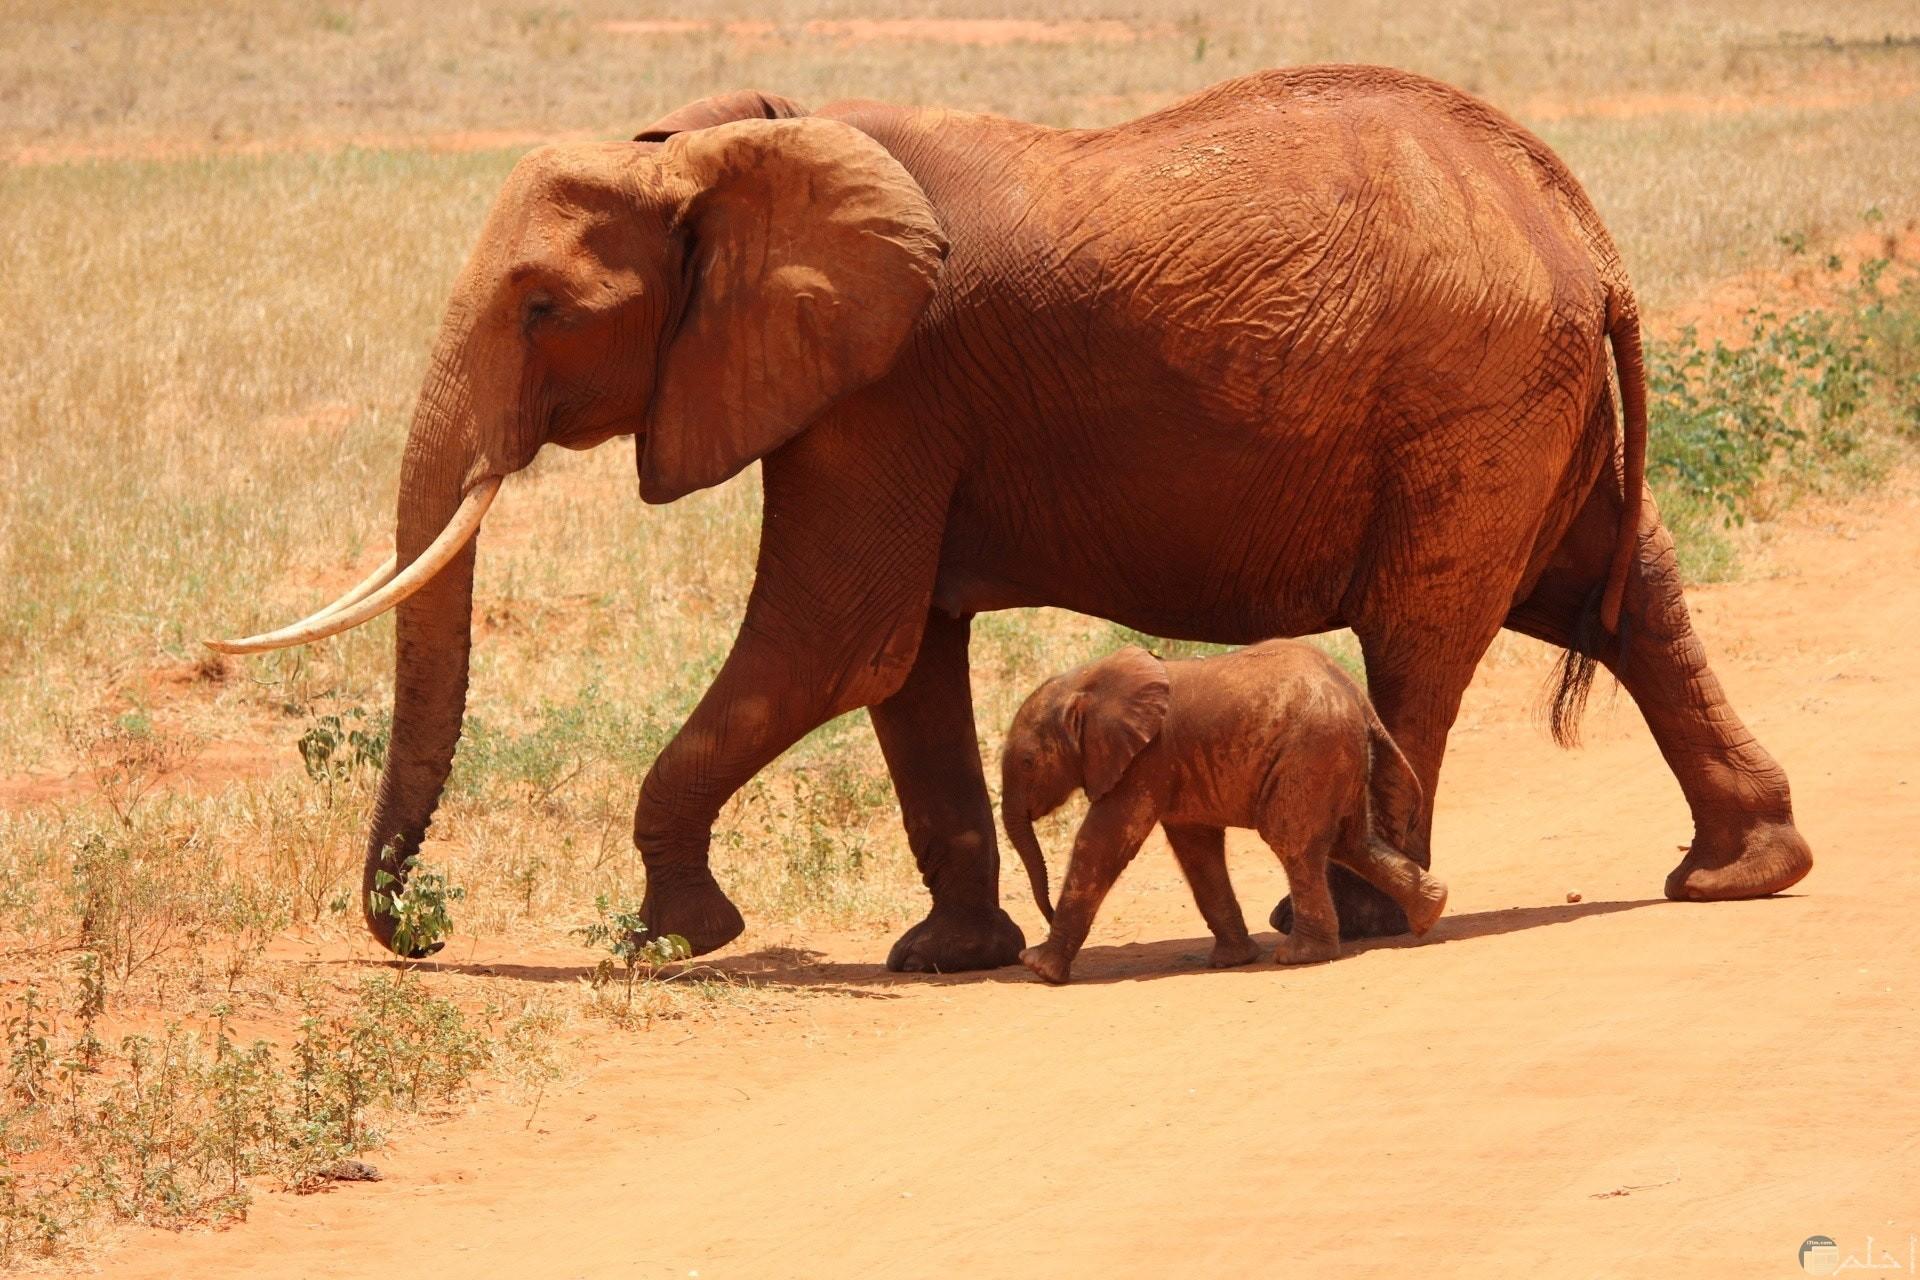 صورة جميلة جدا لفيل مع ابنه الصغير يتجولان في الغابة